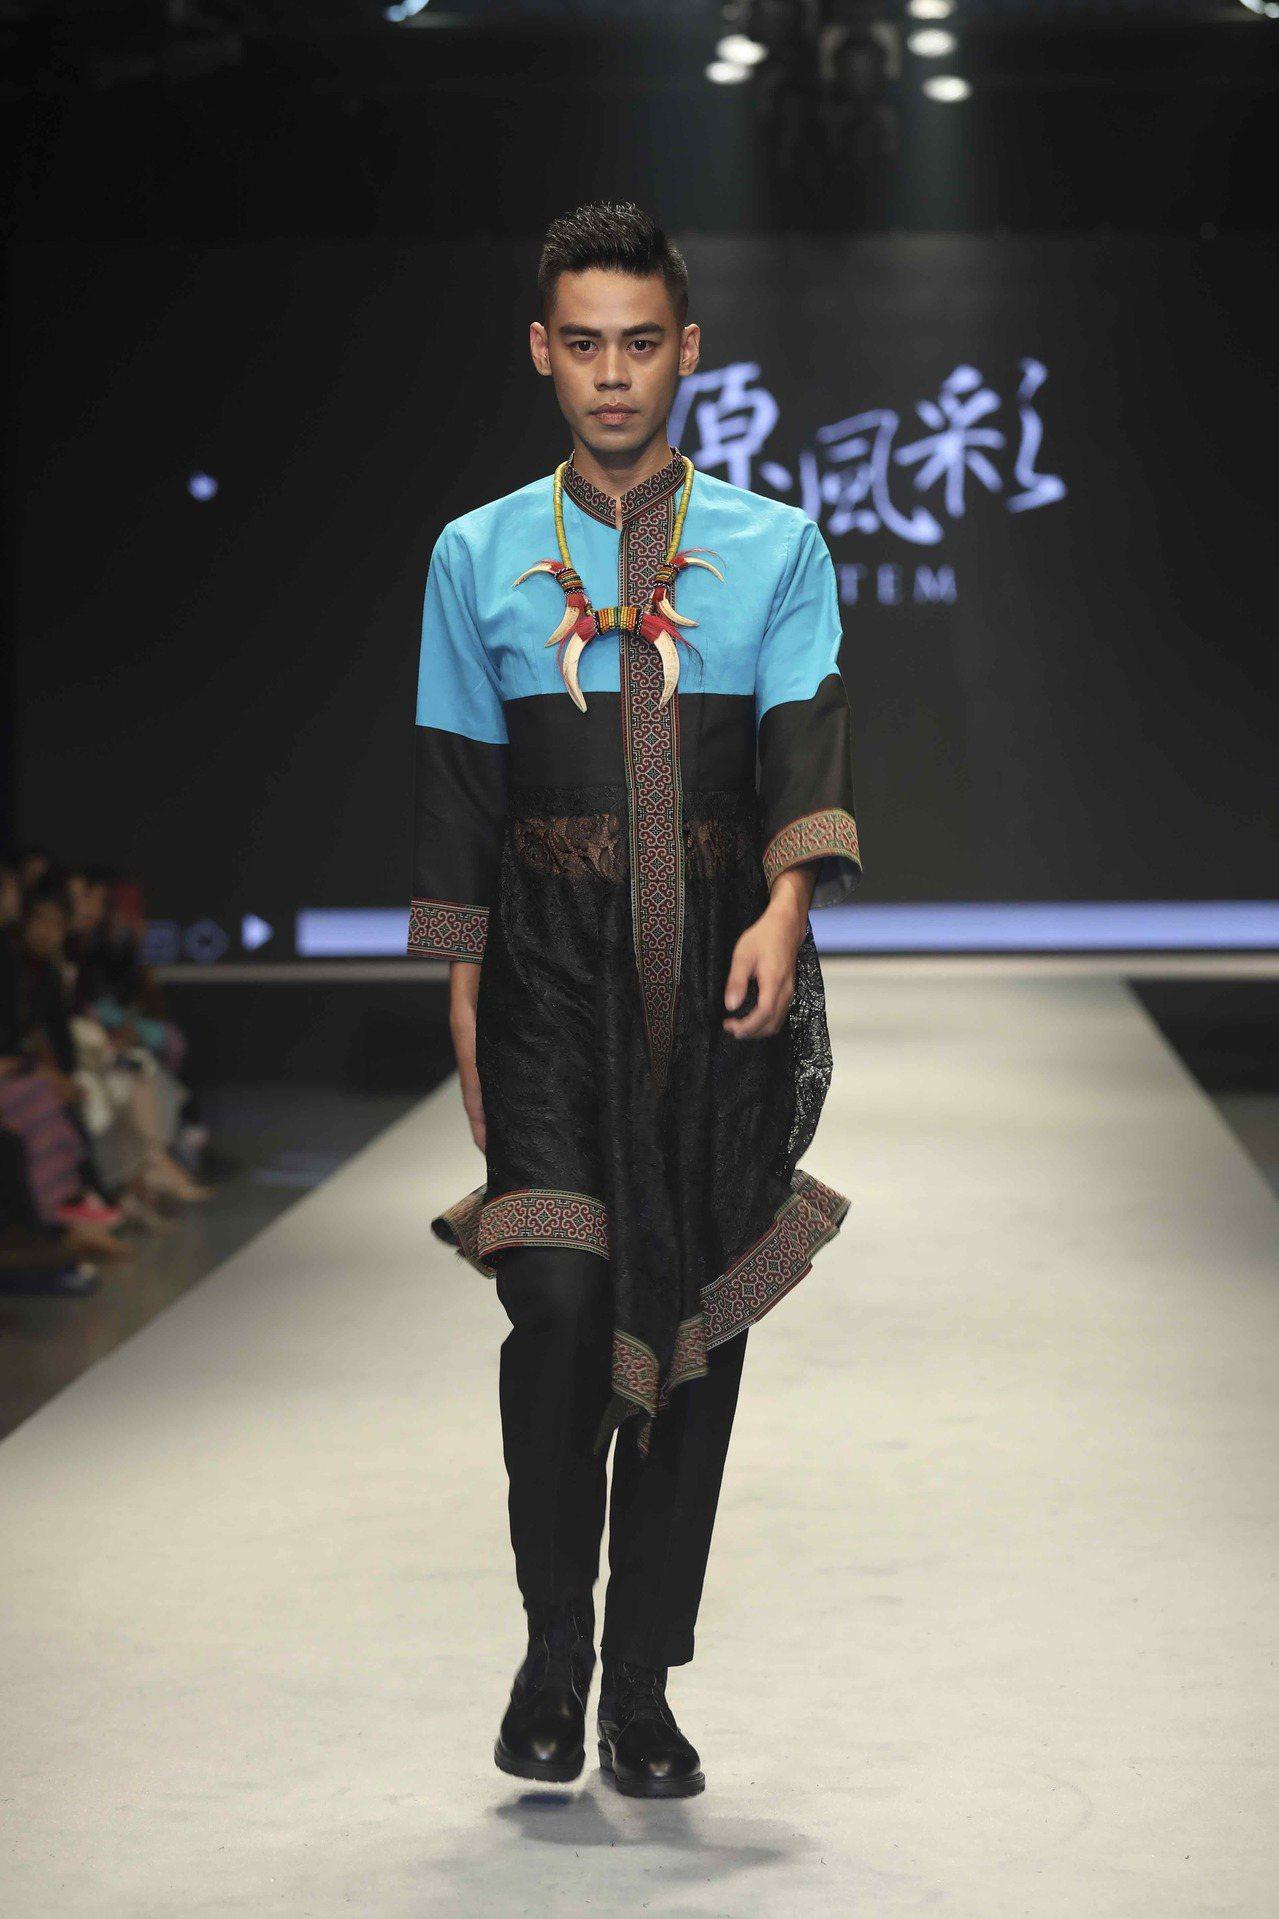 布農族服飾常見以藍色及黑色搭配。圖/原民會提供